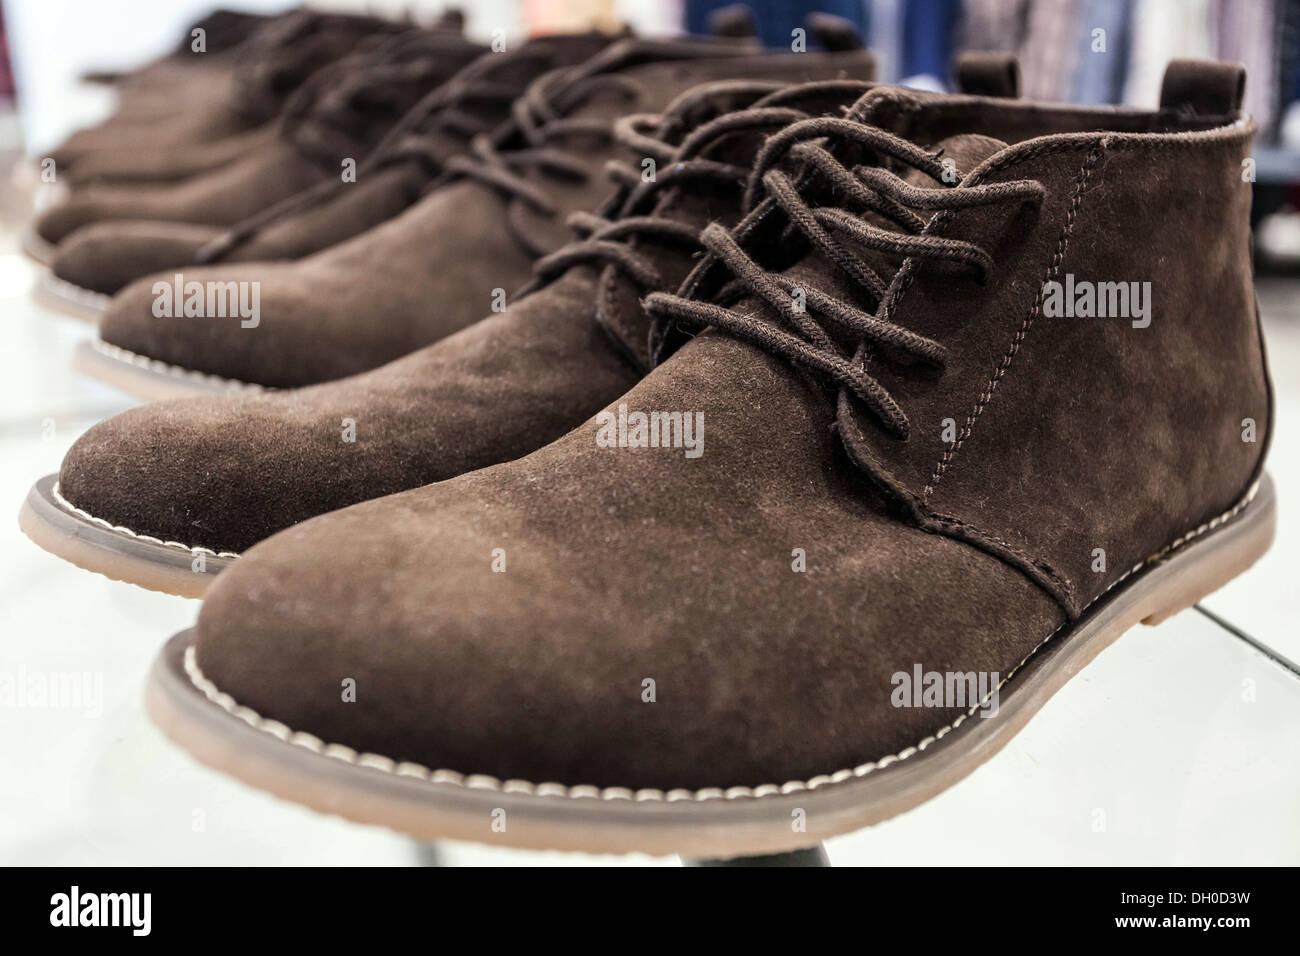 Braune Wildleder Stiefel auf dem display Stockbild